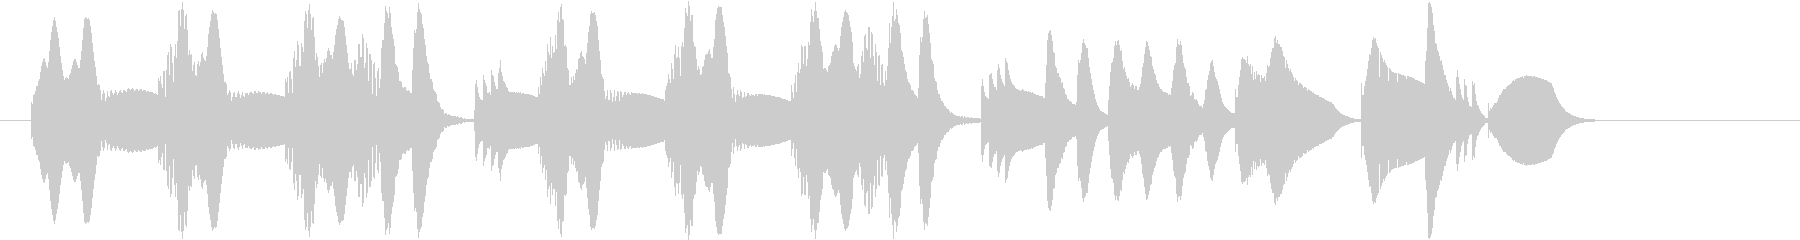 木琴の音でほのぼのとしたジングルの未再生の波形